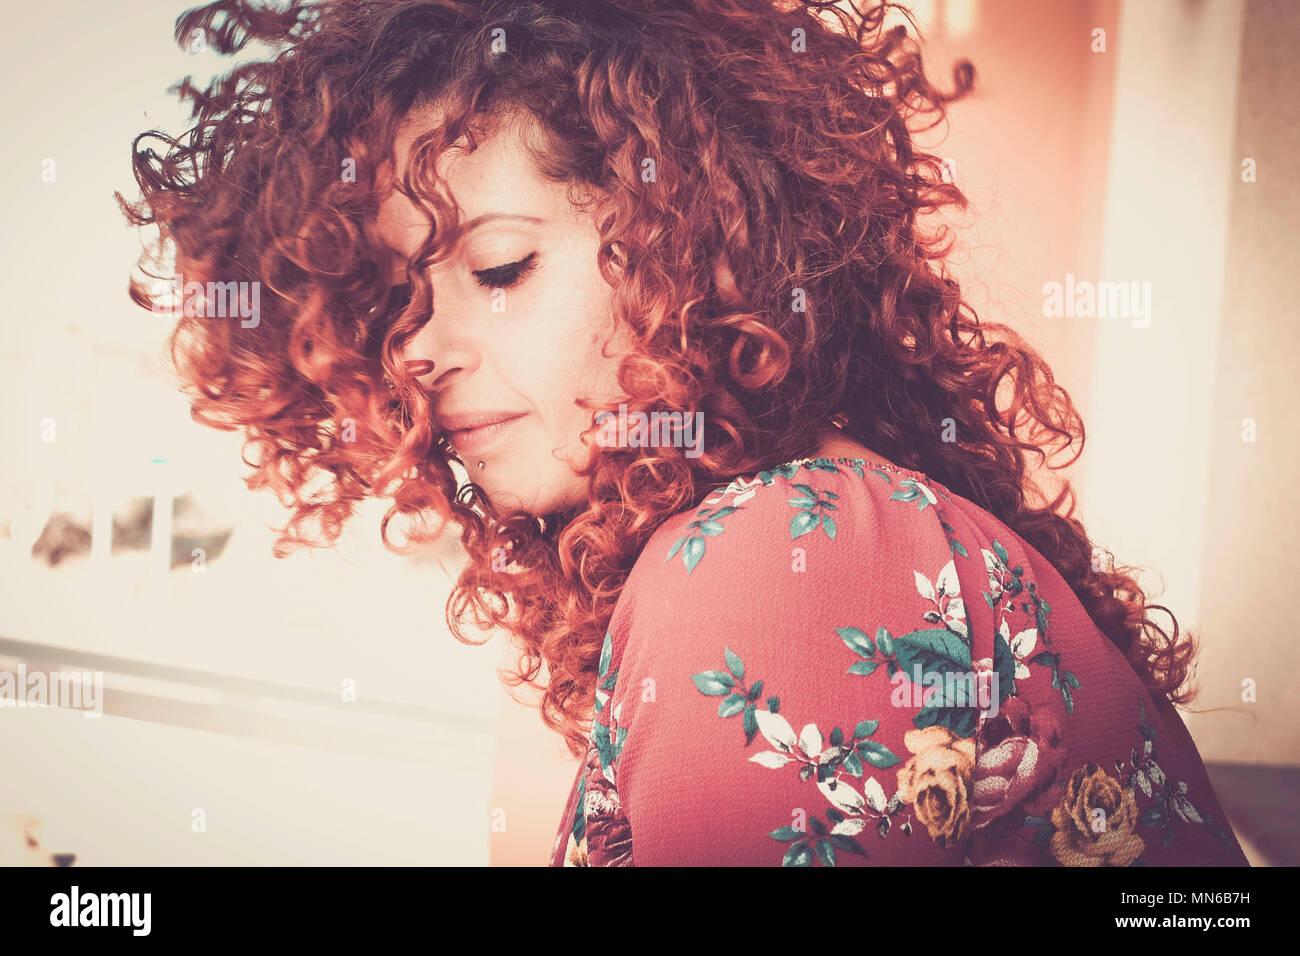 Schöne rote Porträt einer Rote Haare Mädchen in ihren Gedanken alleine zu Hause verloren. Warme Farben und Tönen, geschlossenen Augen und einsamen, wunderschönen cacuasian junge woma Stockbild